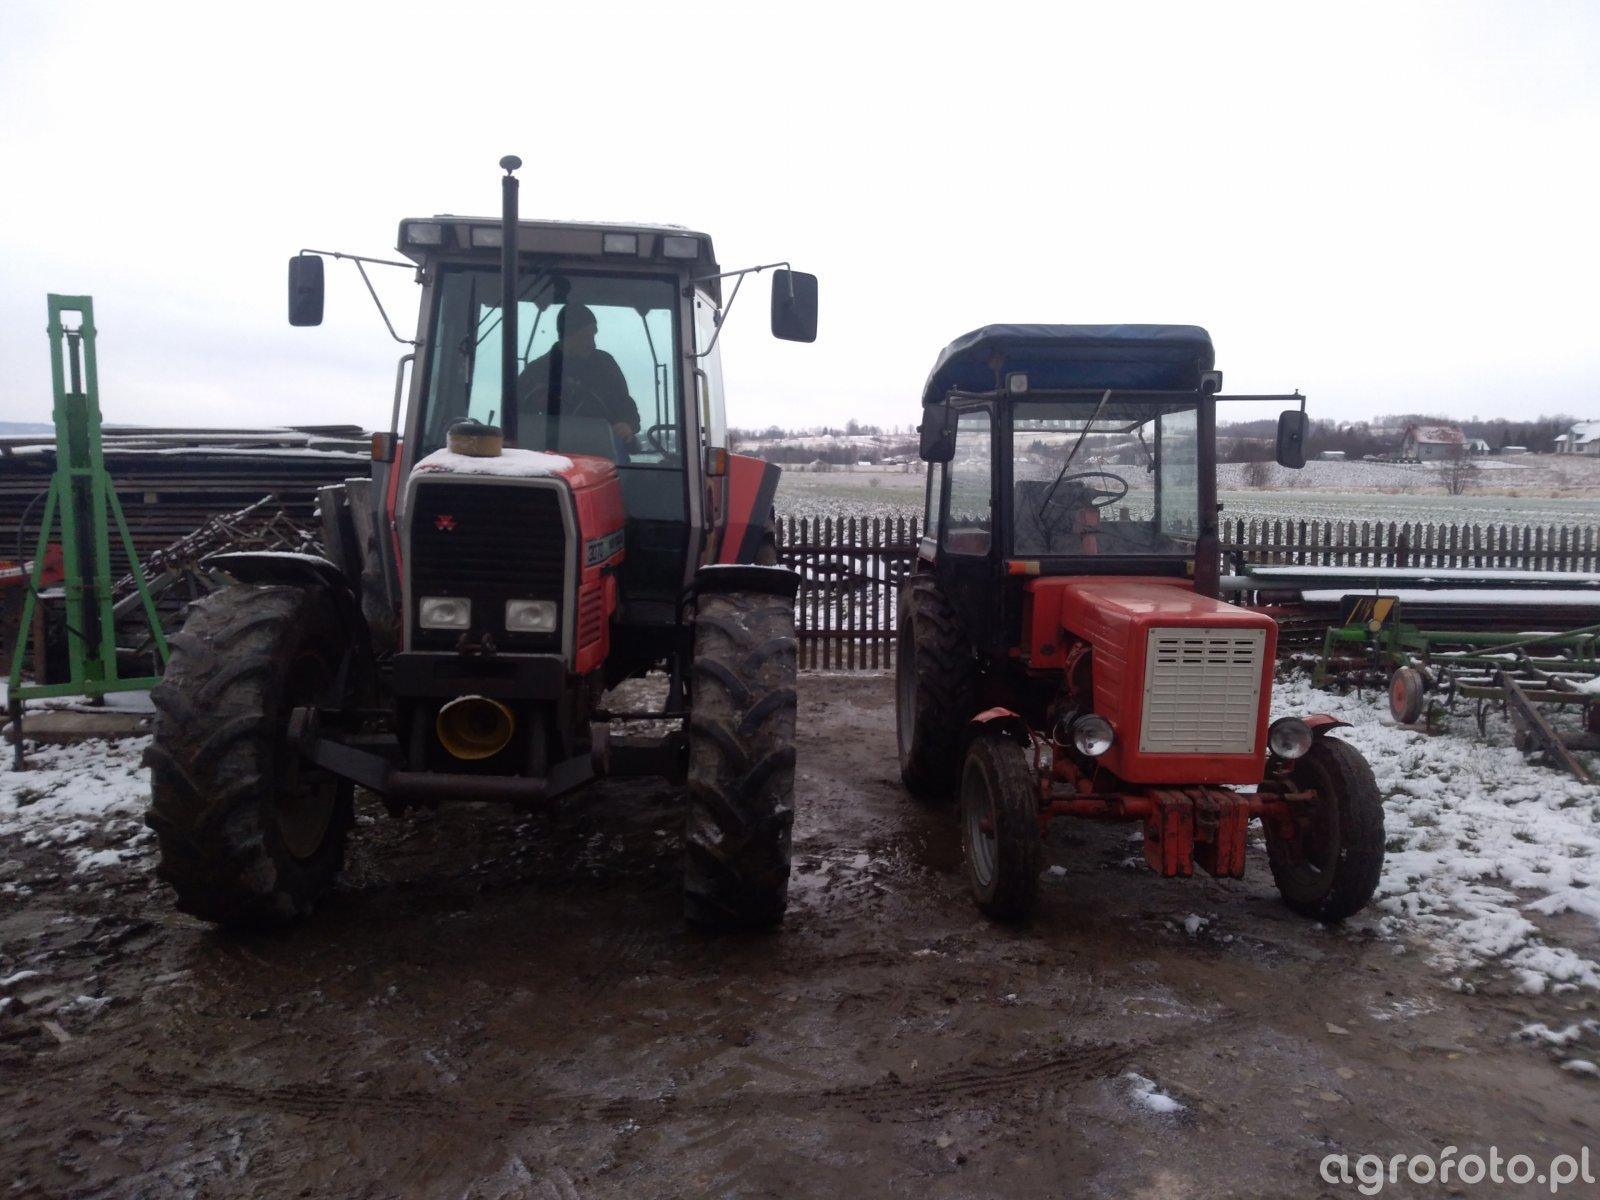 Mf 3070 i t25